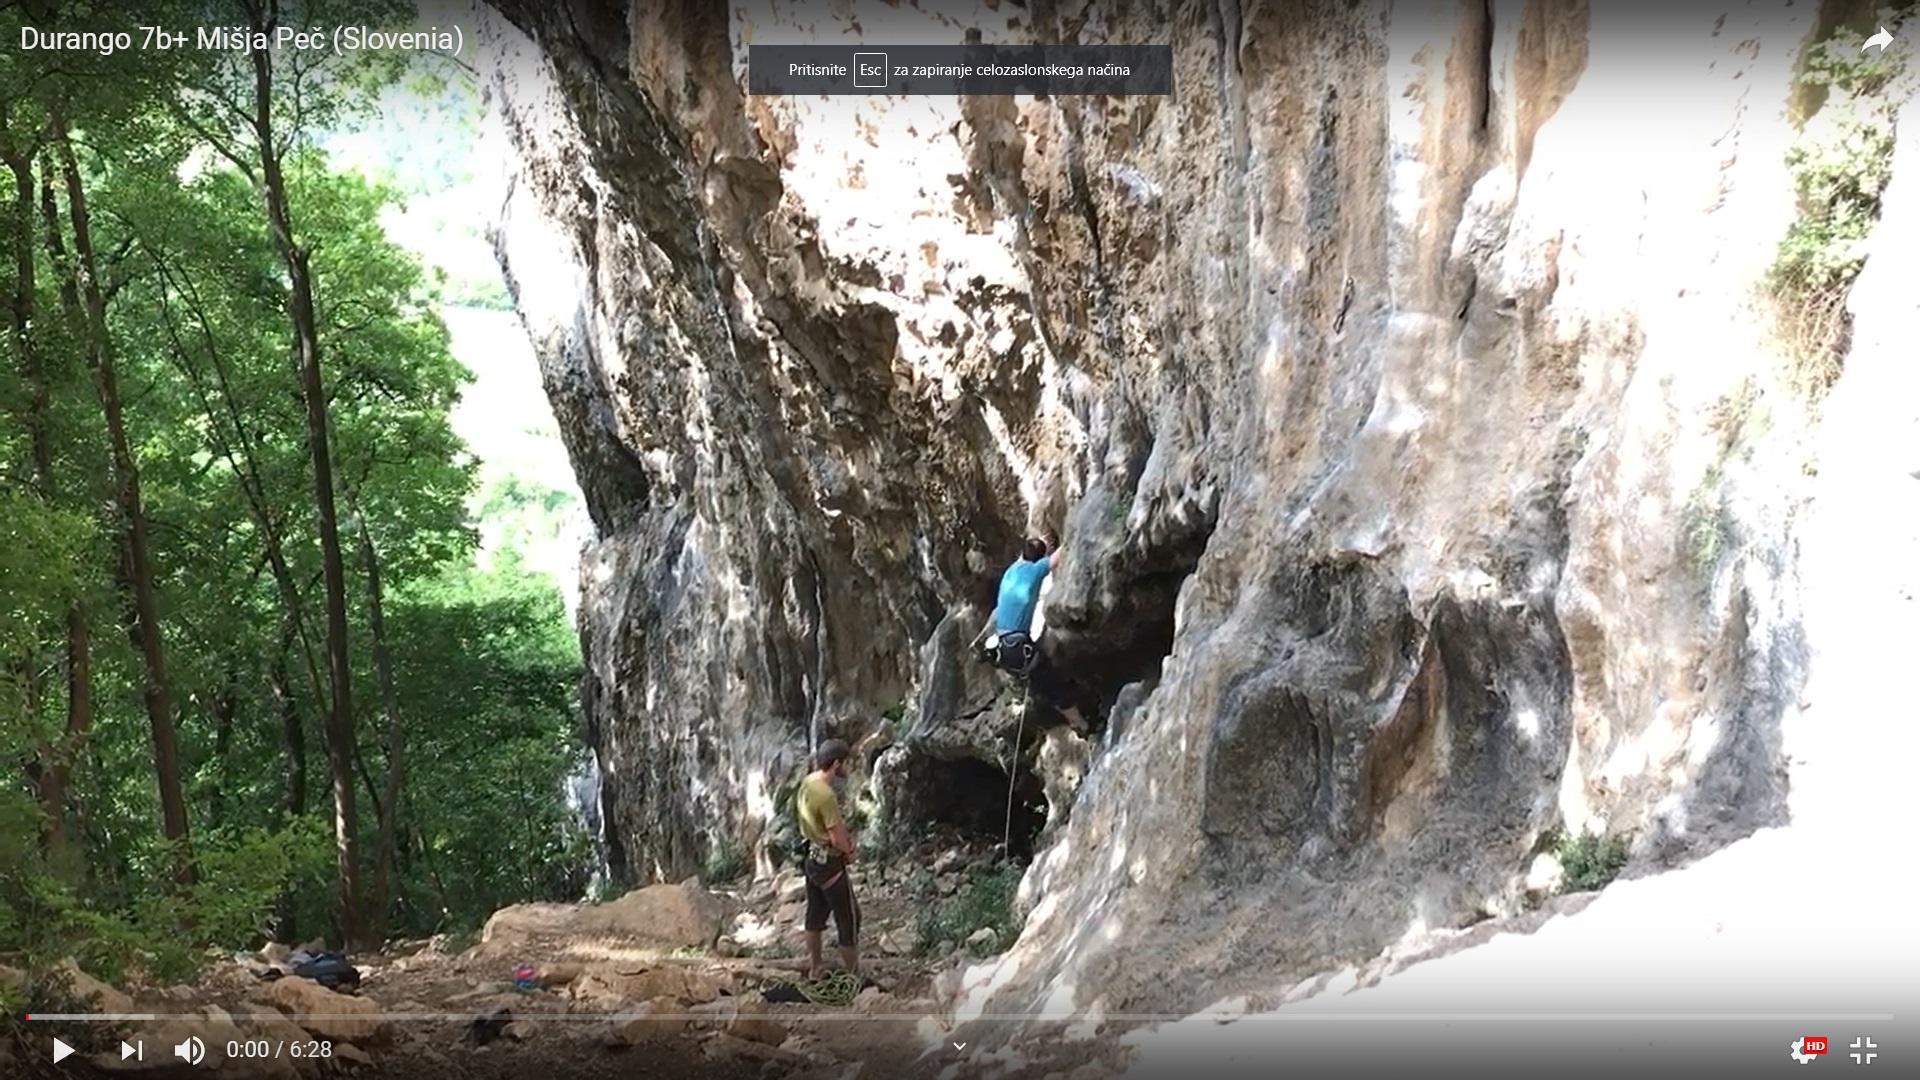 Posnetek plezanja v skali